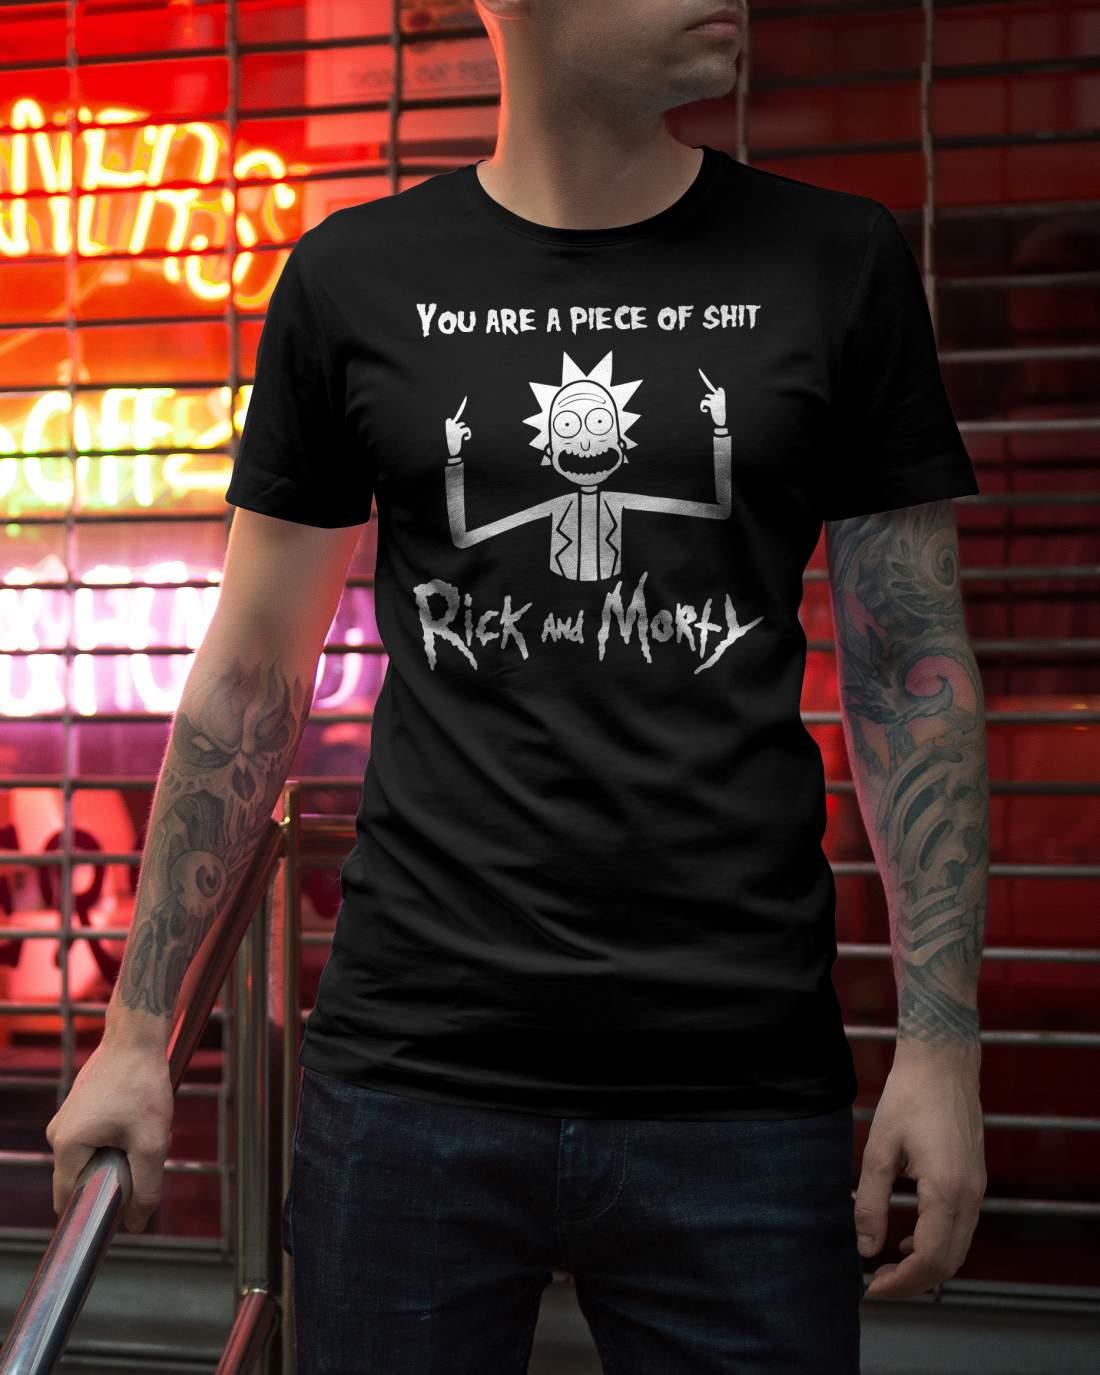 Rick és Morty 1 férfi póló fekete